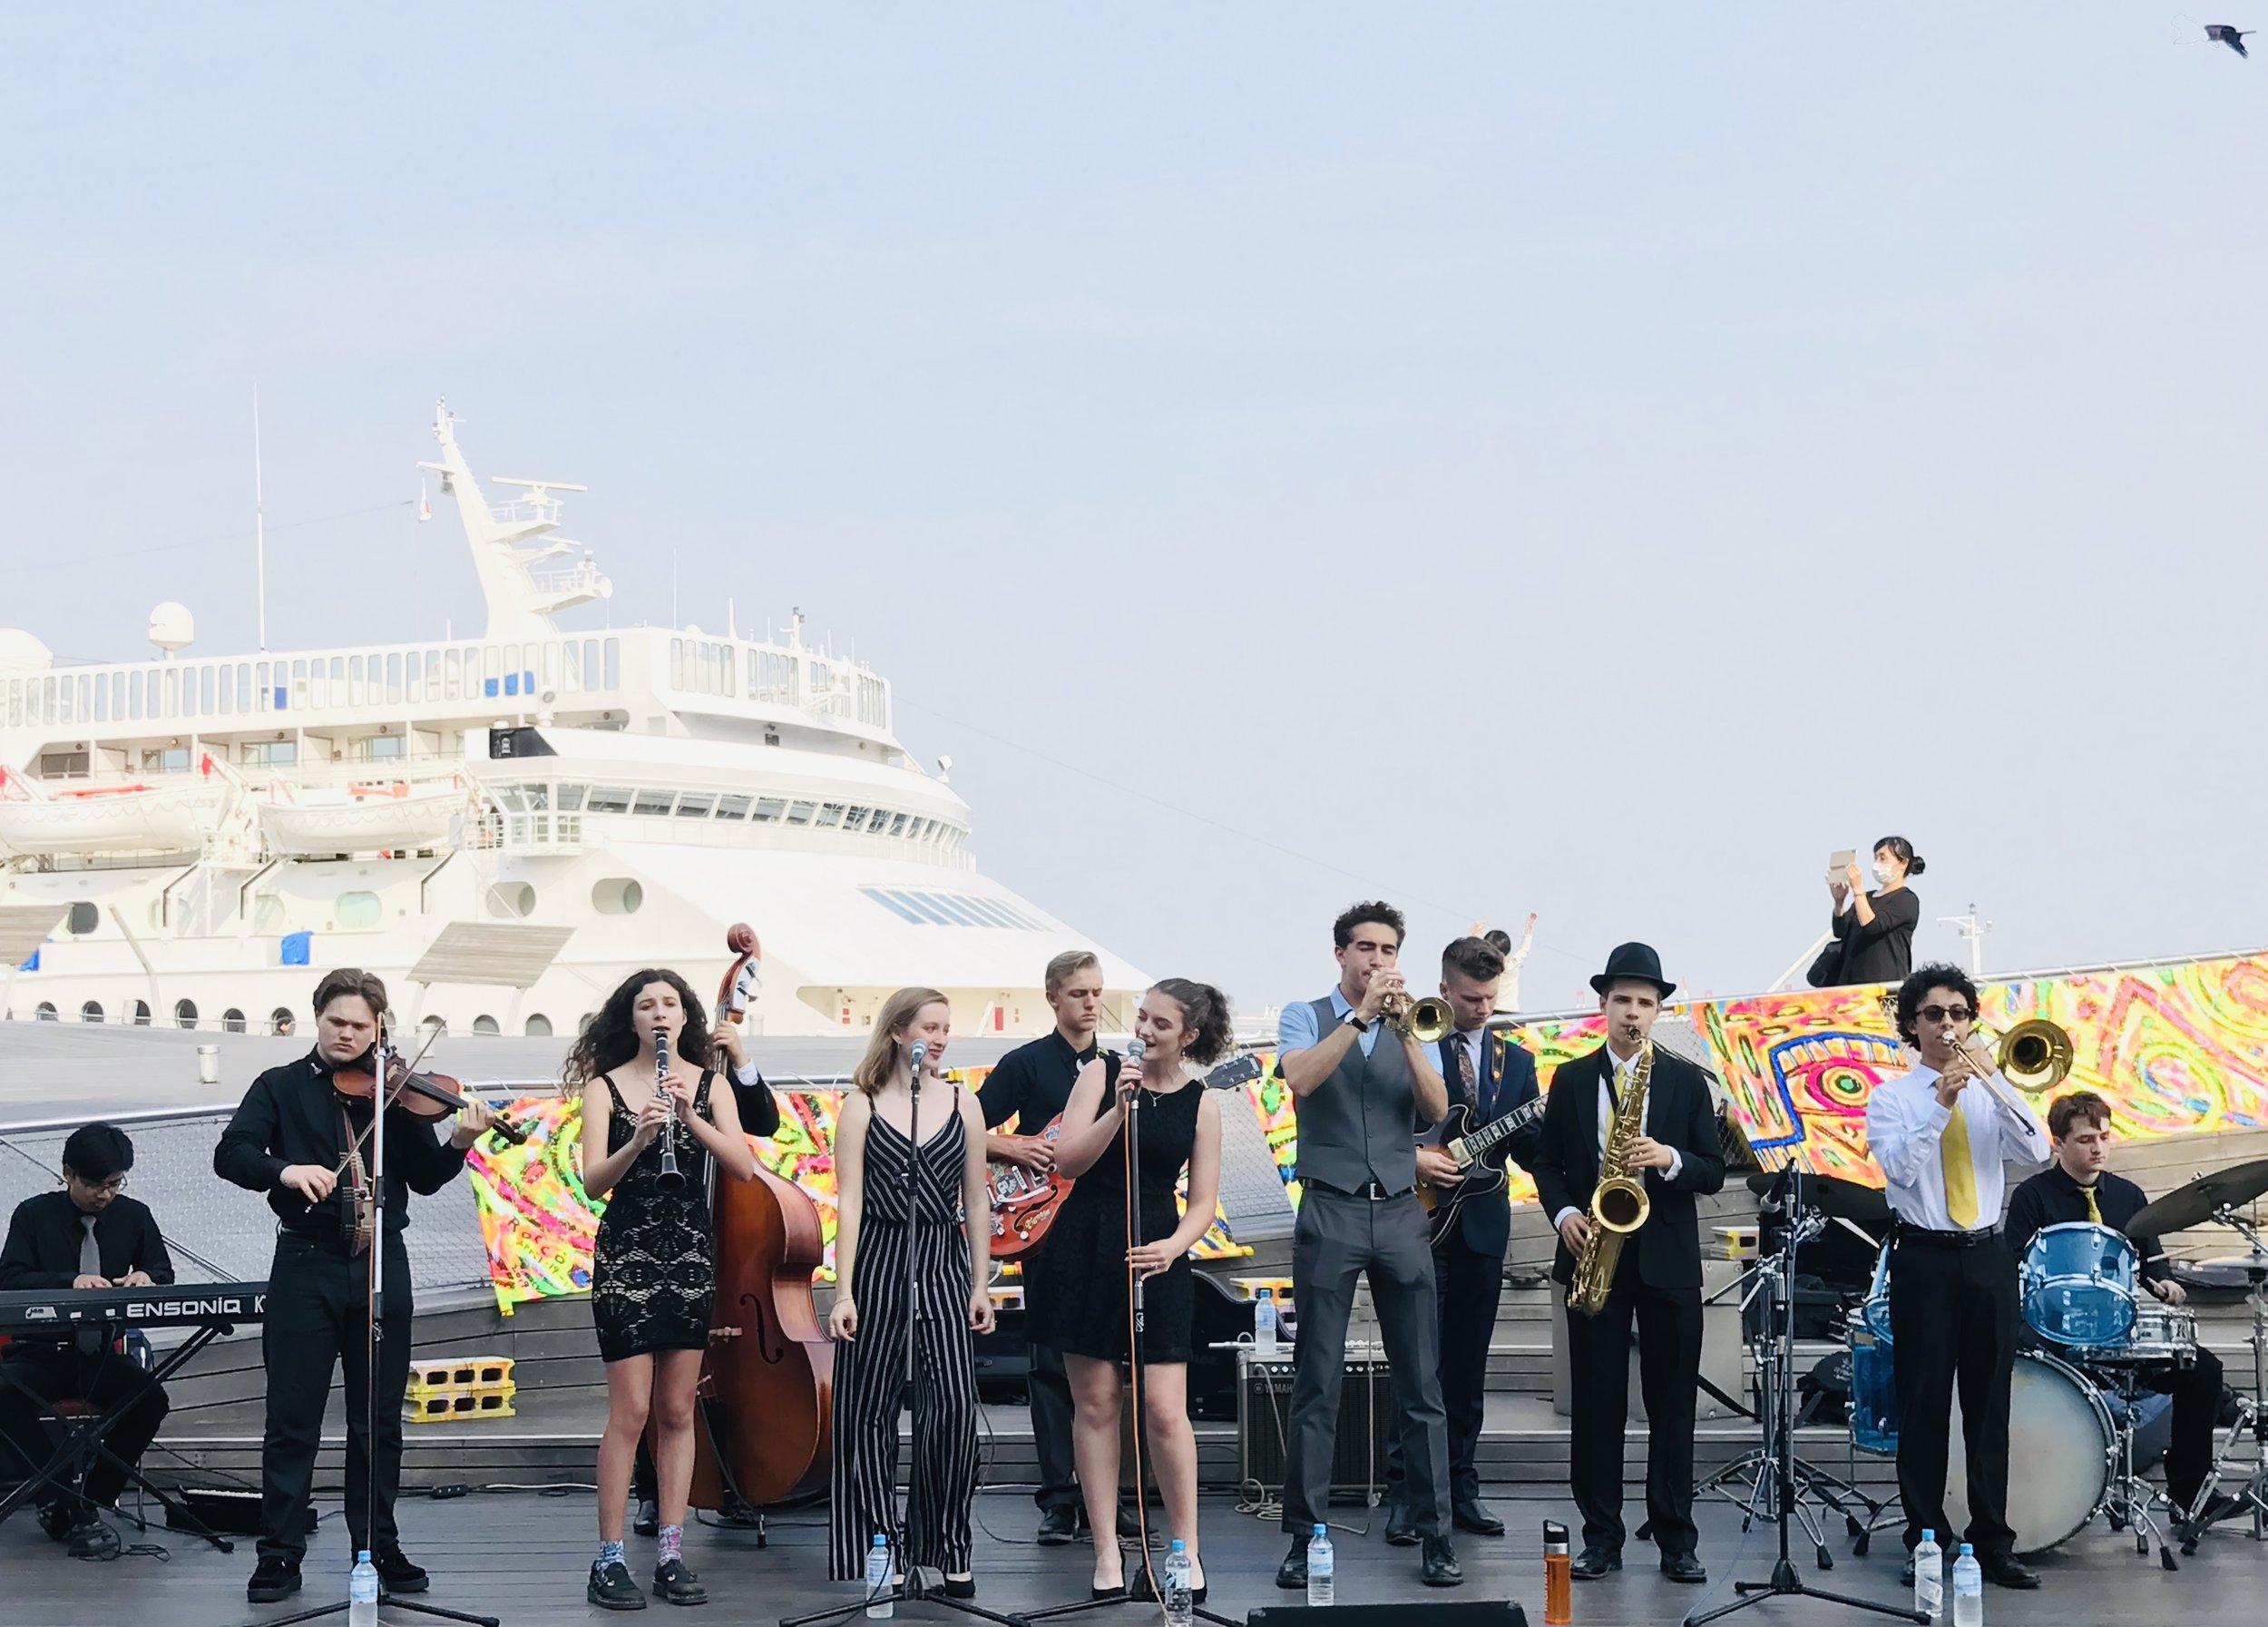 Performing at the harbor - Osambashi